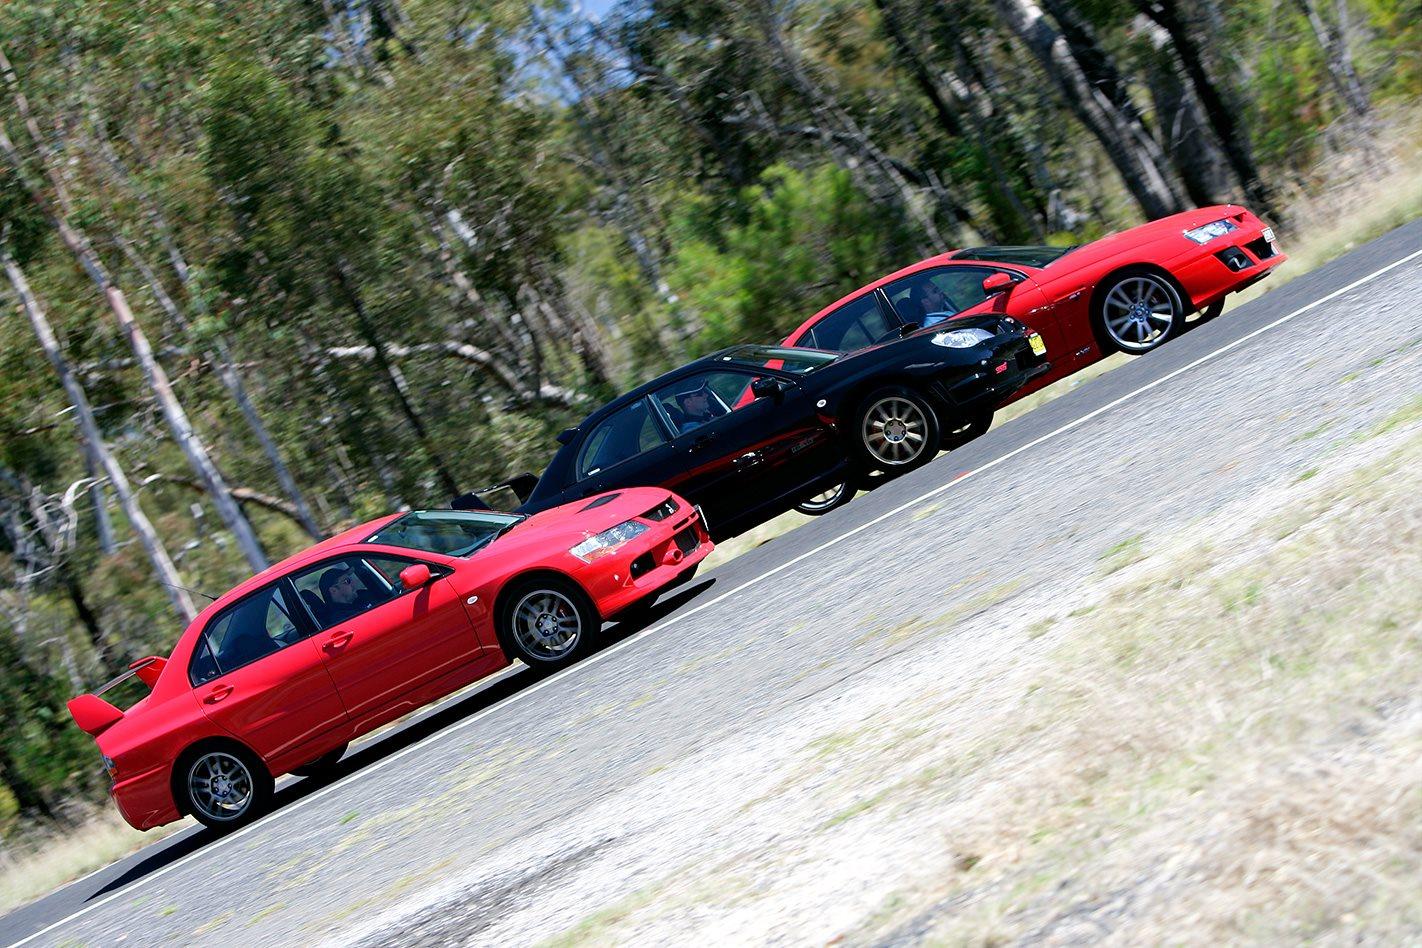 Subaru WRX STi vs Mitsubishi Evo IX vs HSV Clubsport exterior.jpg